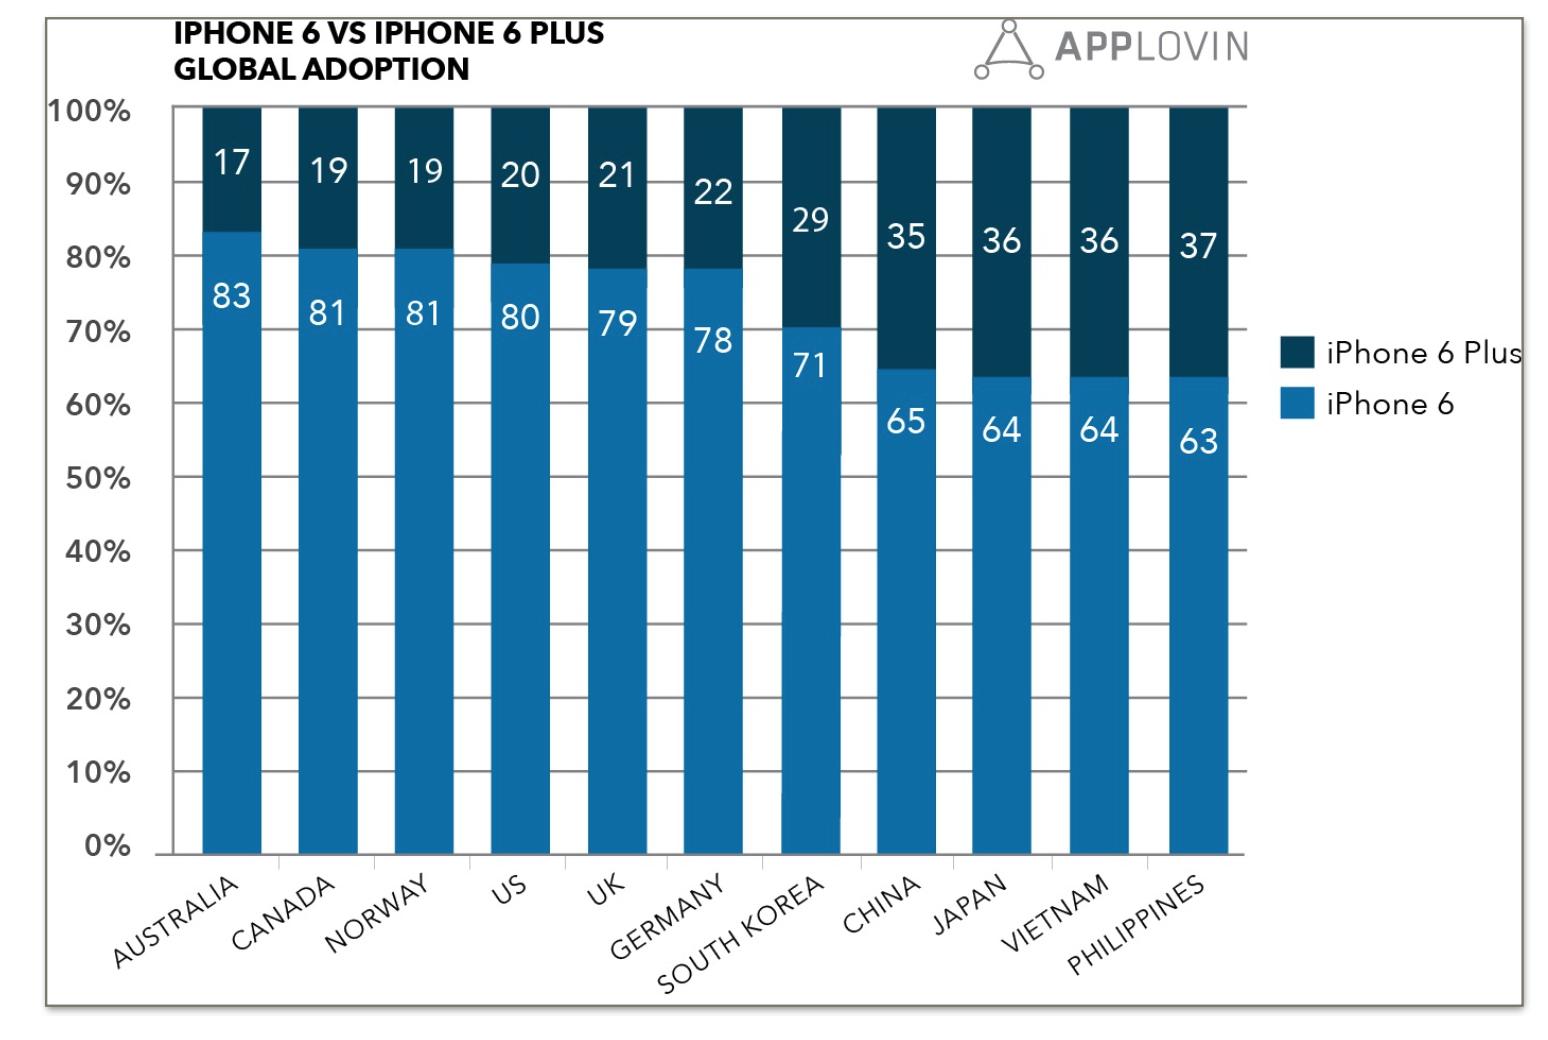 iPhonů 6 se celosvětově prodá 4-krát více než iPhonů 6 Plus